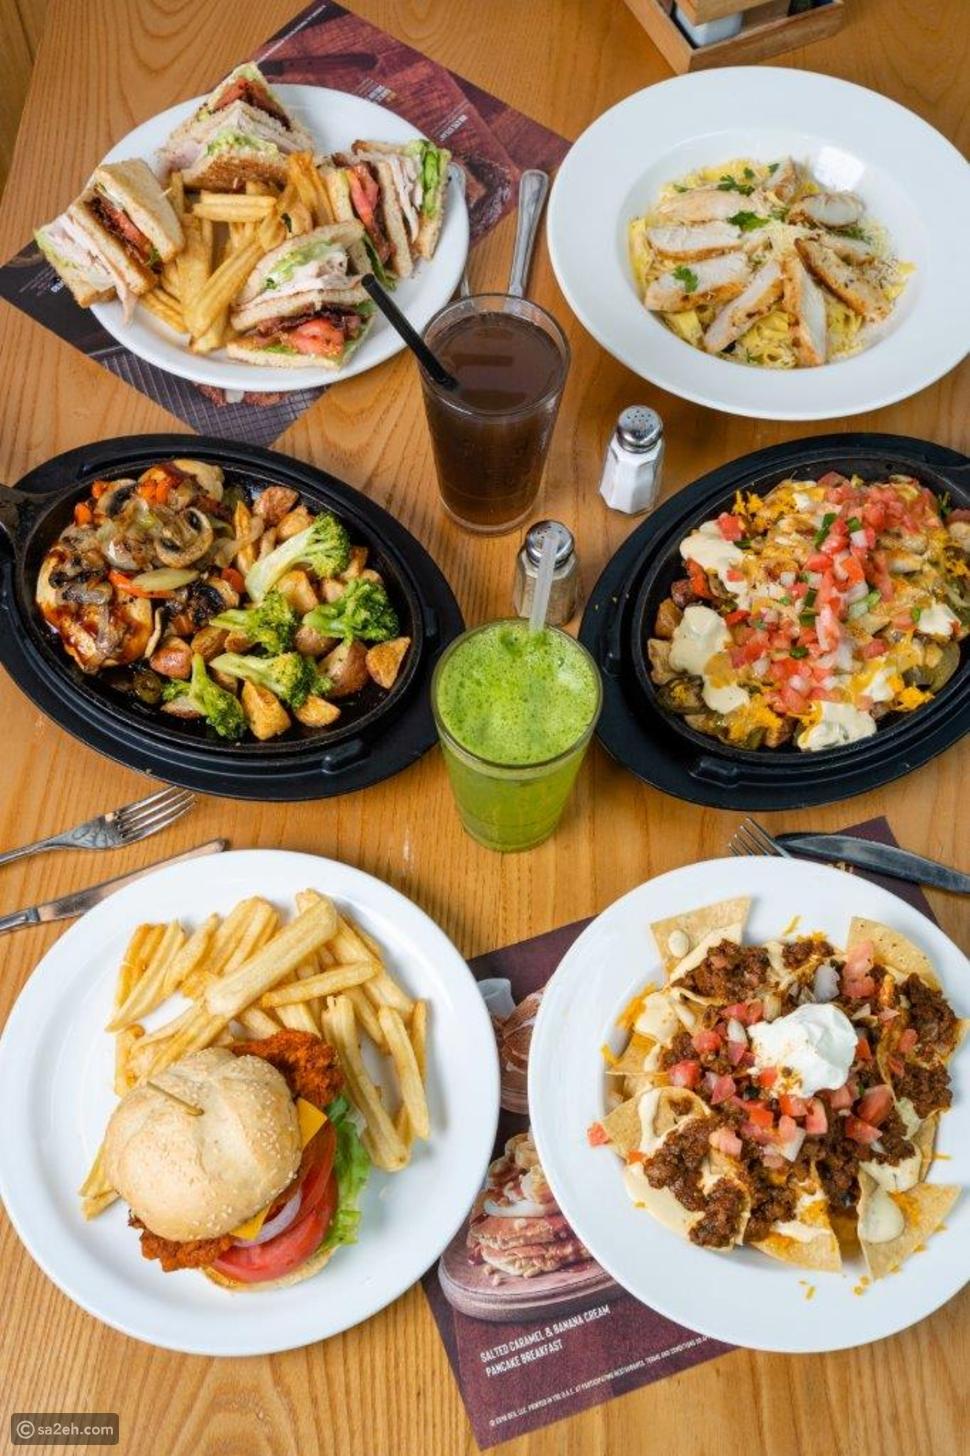 مطعم دينيس يقدم وجبات توفيرية بقيمة ١٠ أو ٢٠ أو ٣٠ أو ٤٠ درهم